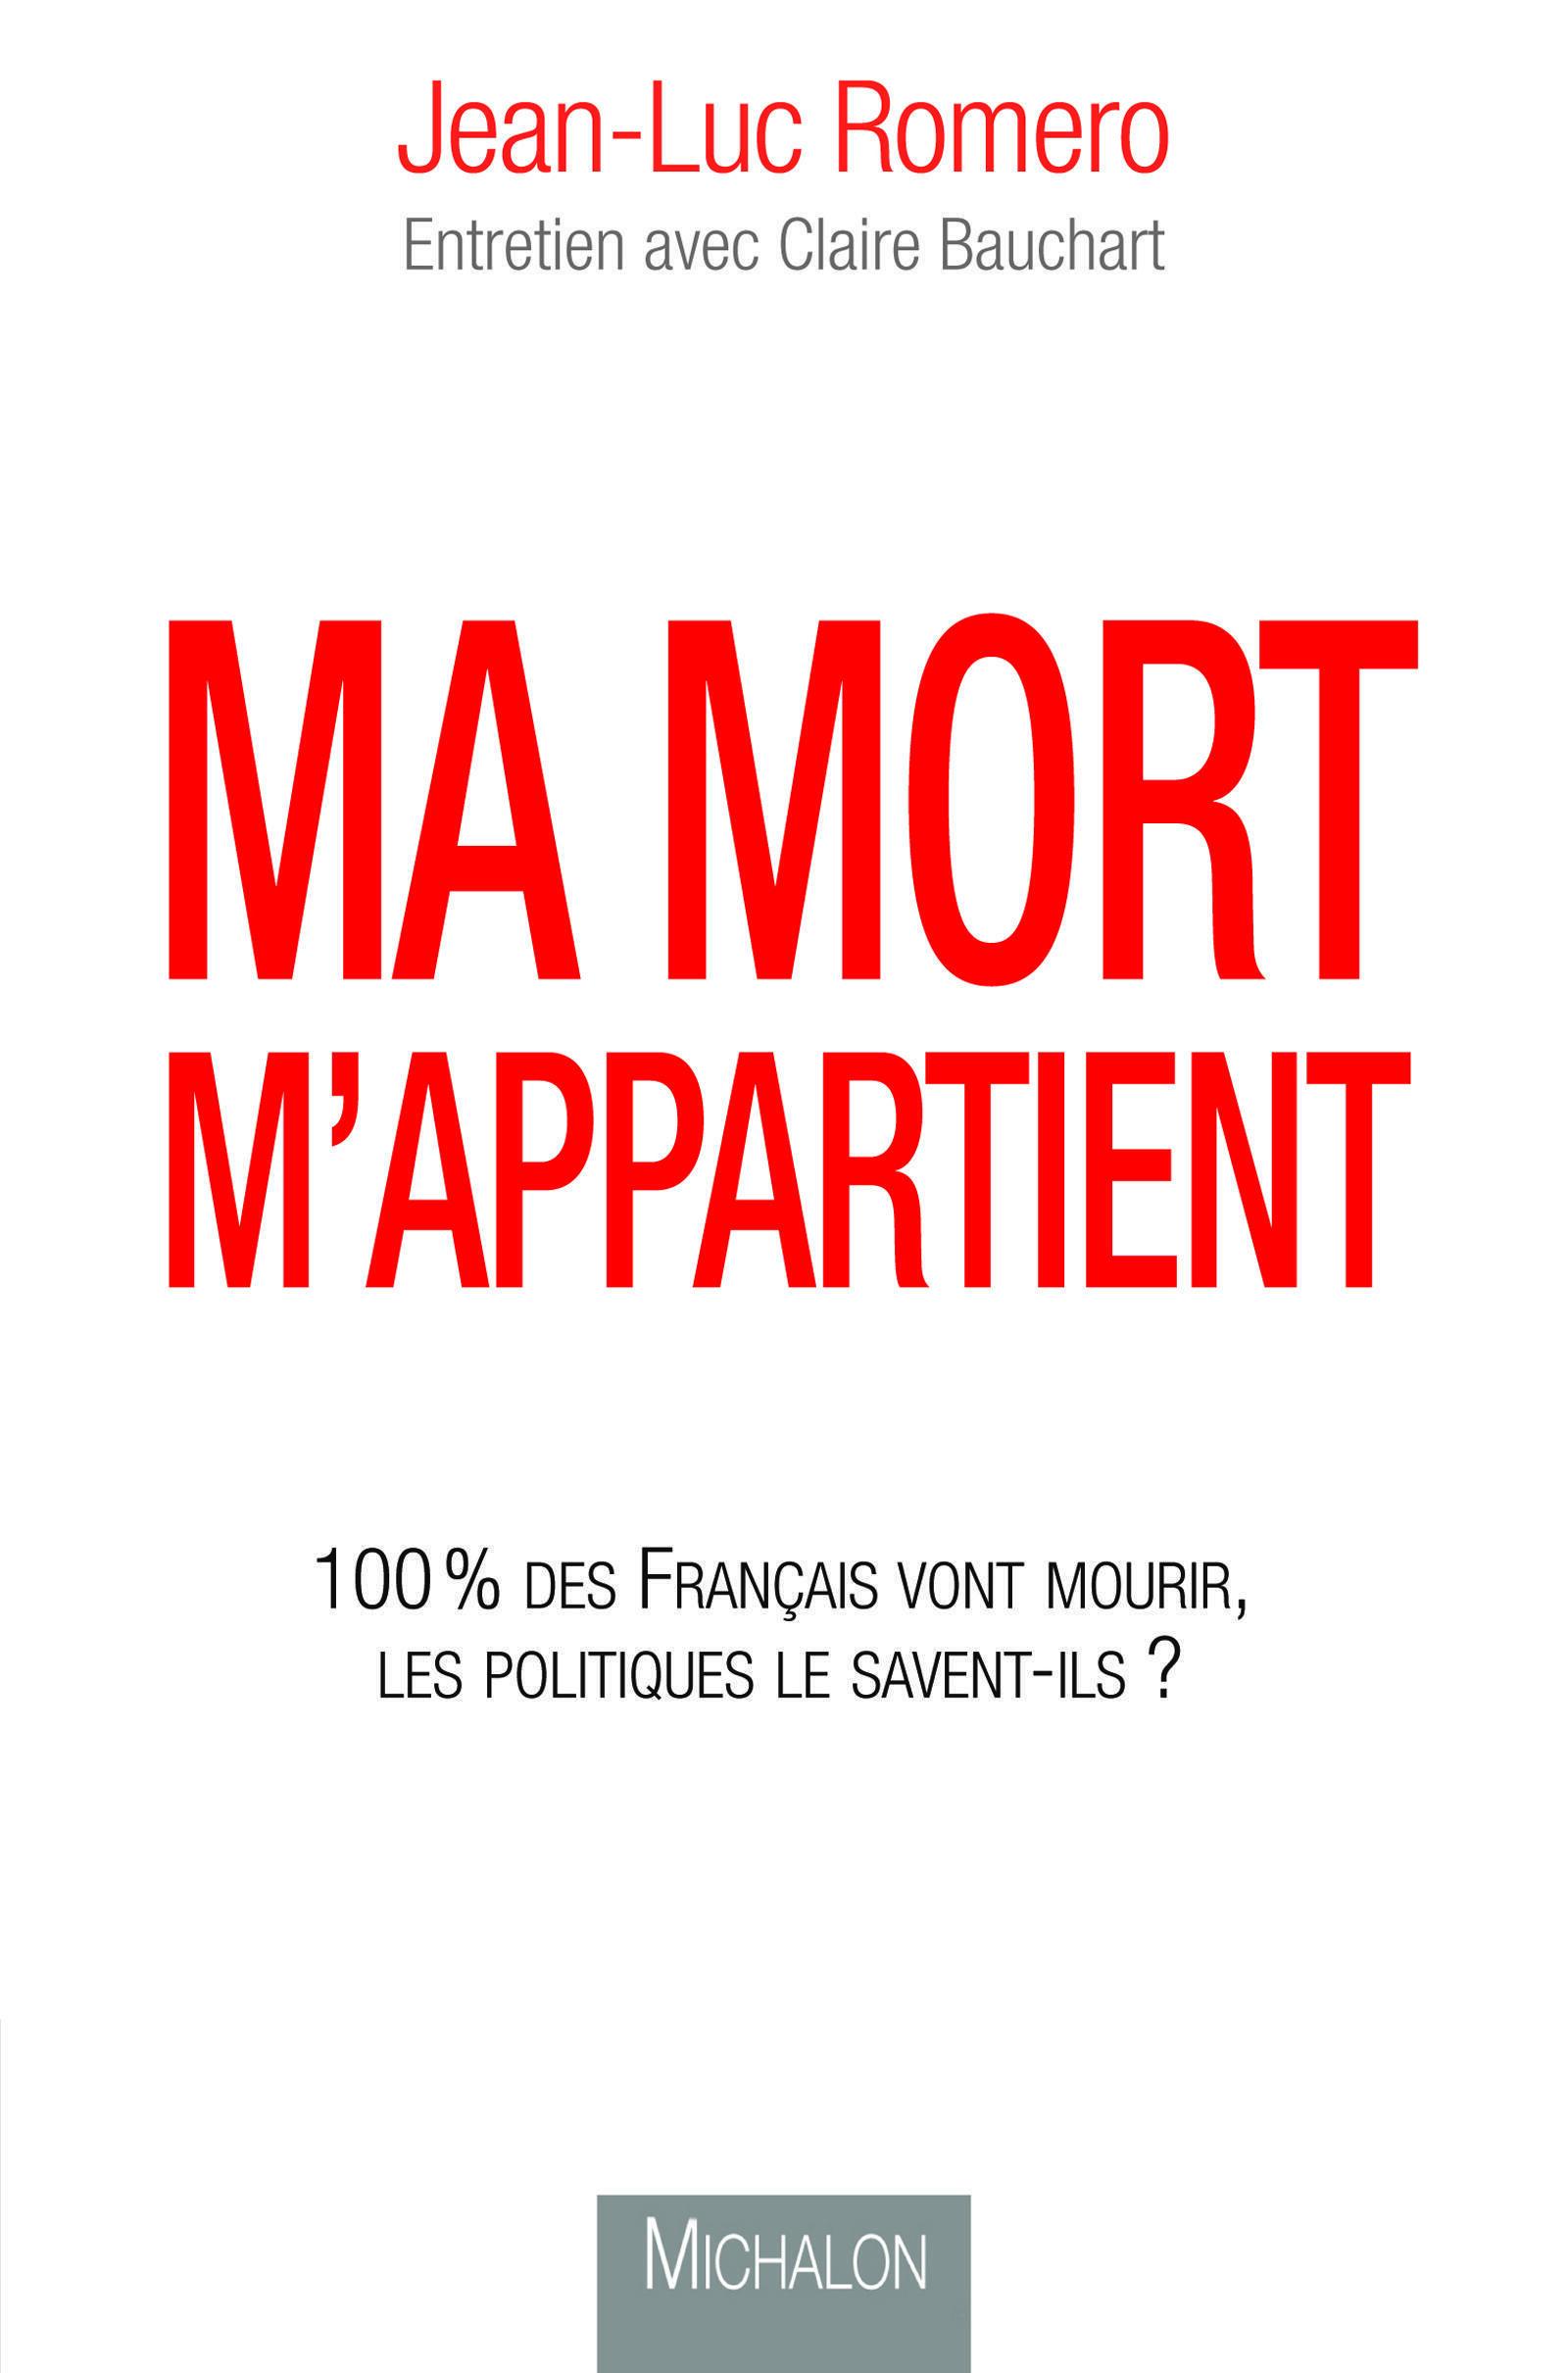 «Ma mort m'appartient. 100 % des Français vont mourir, les politiques le savent-ils ?», par Jean-Luc Roméro. Entretien avec Claire Bauchart.